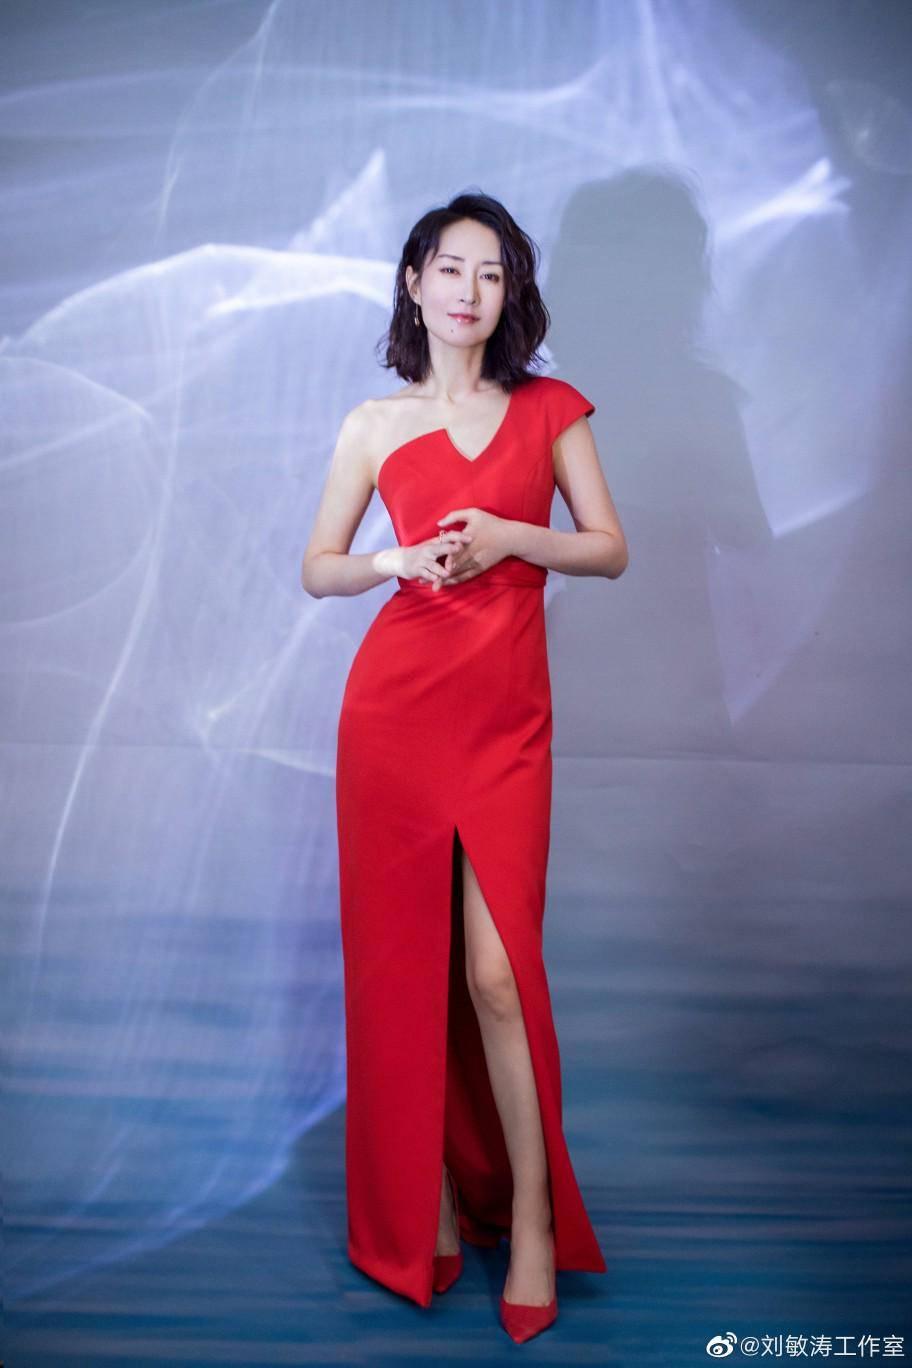 原创             刘敏涛表情管理太强了,红色高跟鞋后再出力作,动作夸张画面逗趣